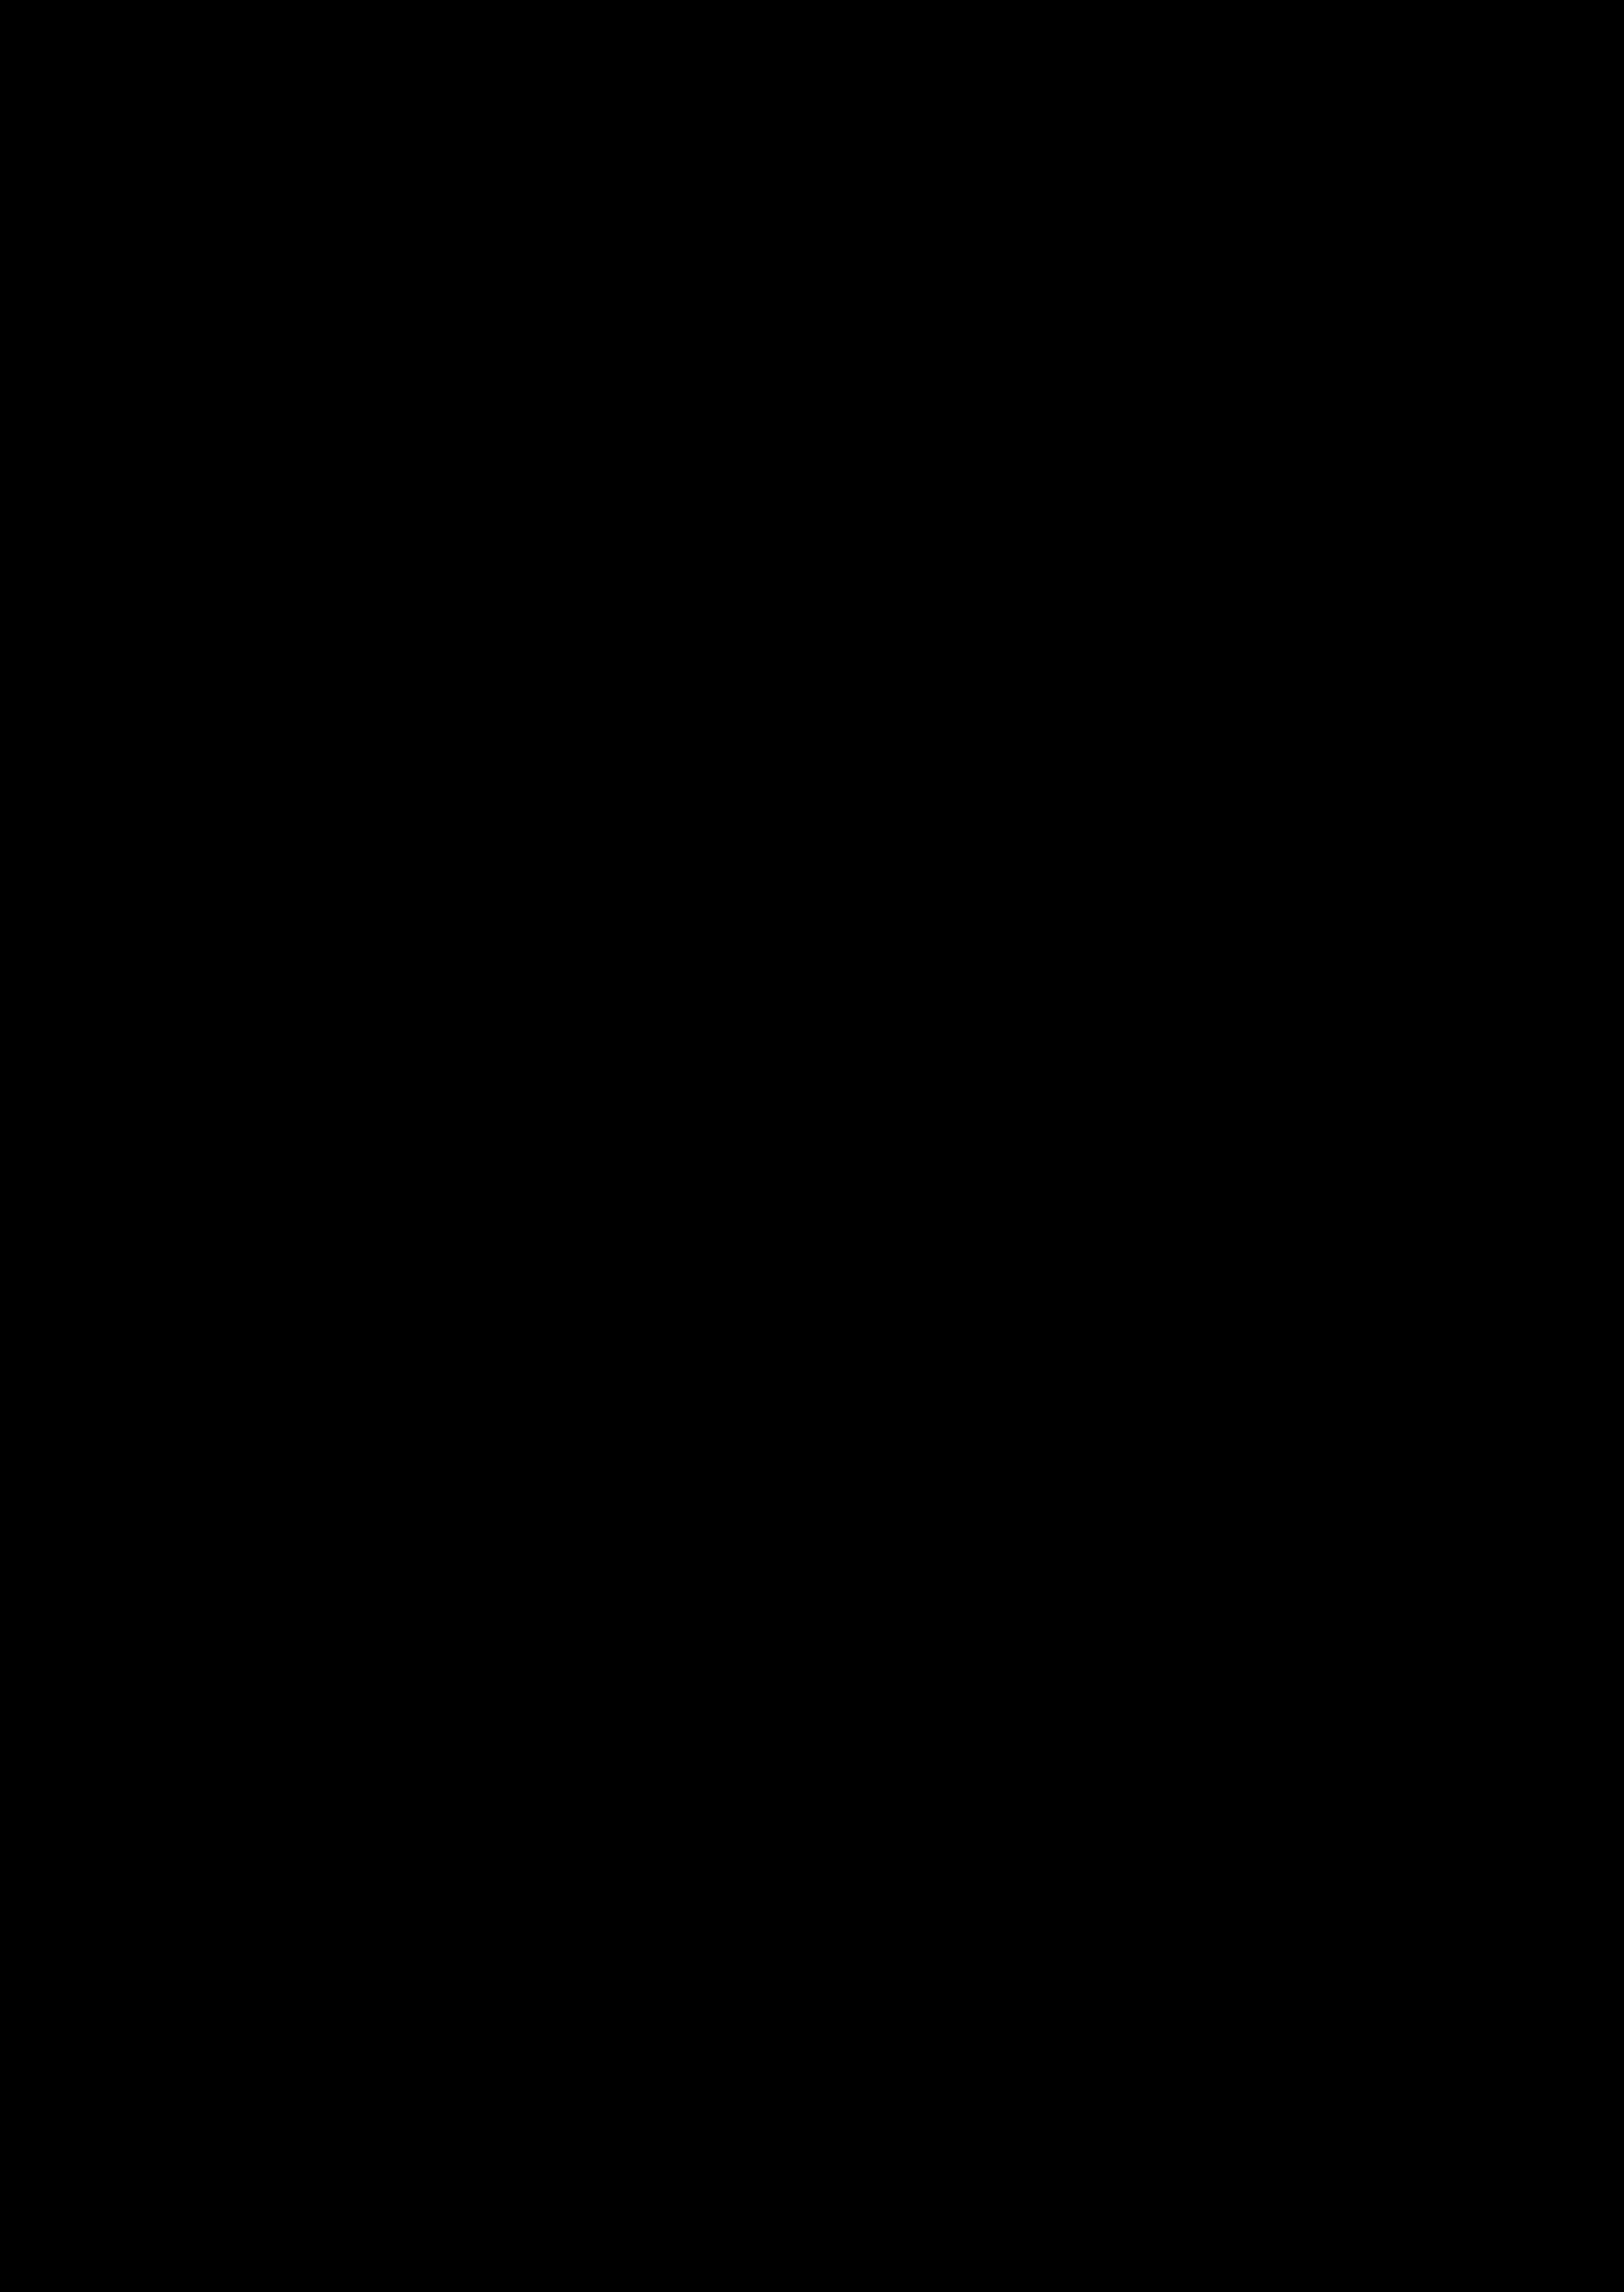 Seminario La cobertura de los inmigrantes latinos en la prensa: el caso de las mujeres latinoamericanas en España y Estados Unidos